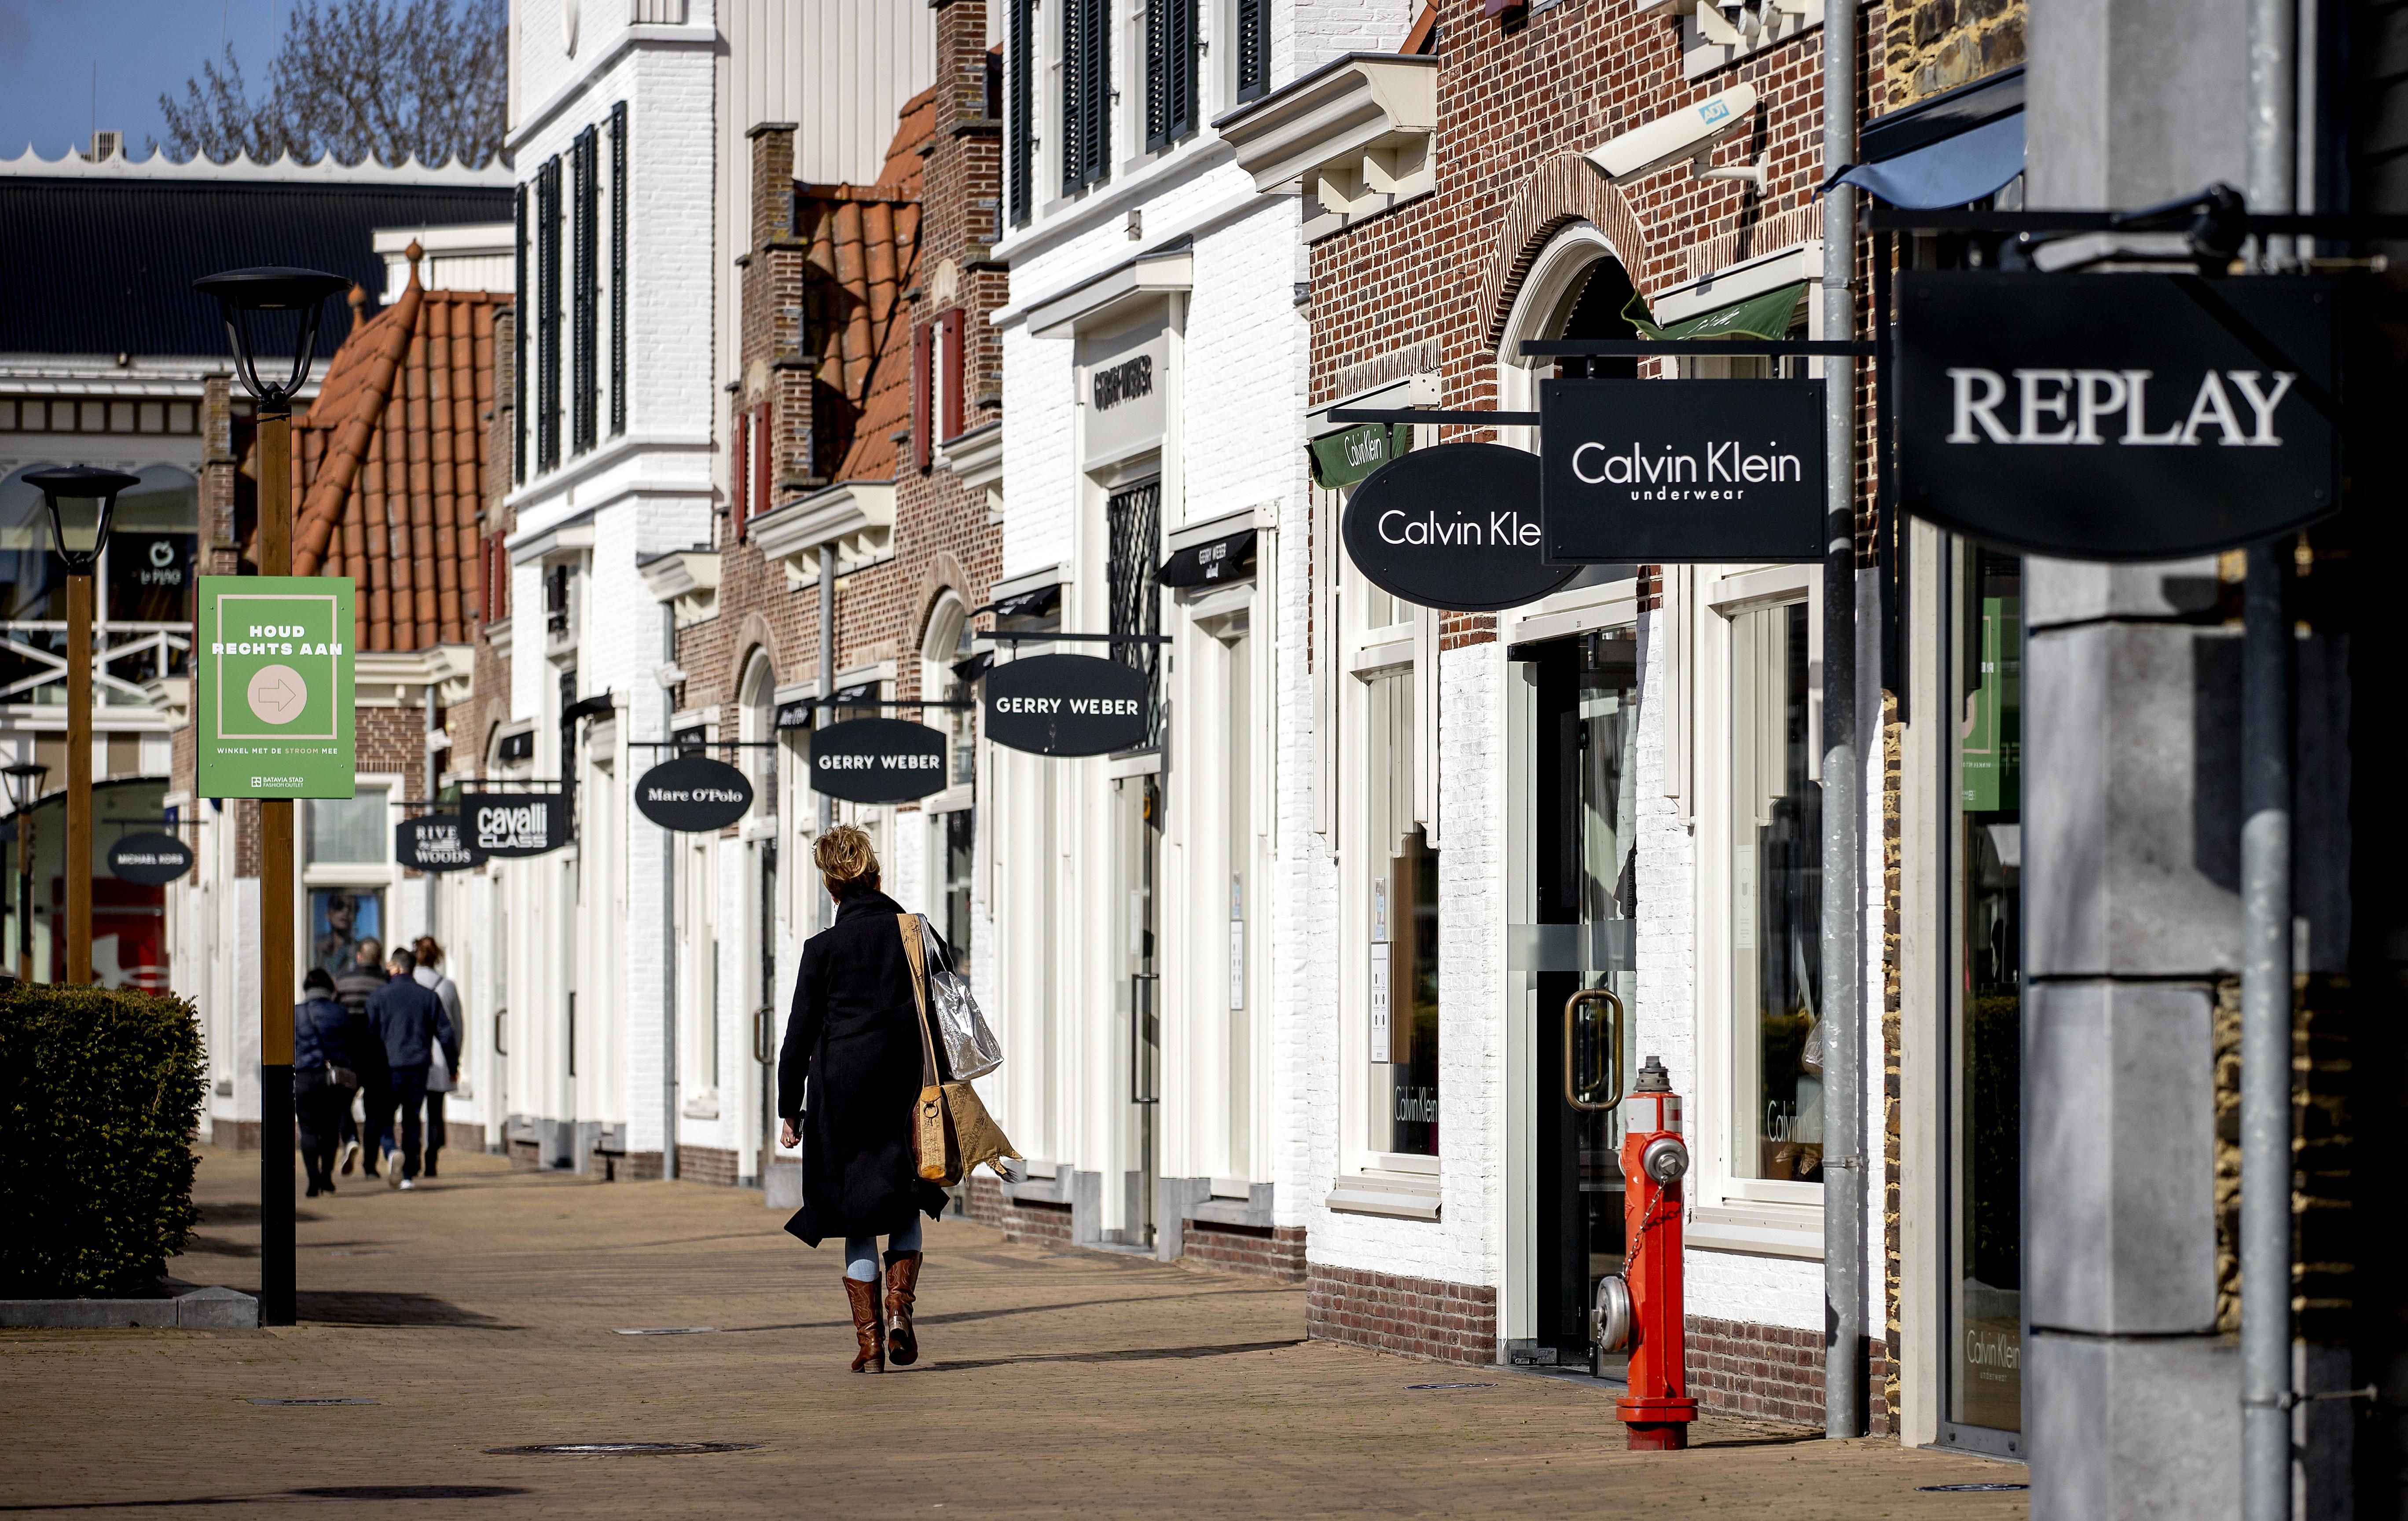 Aantal winkels opnieuw afgenomen. Hoe zit het in jouw gemeente? [interactieve kaart]